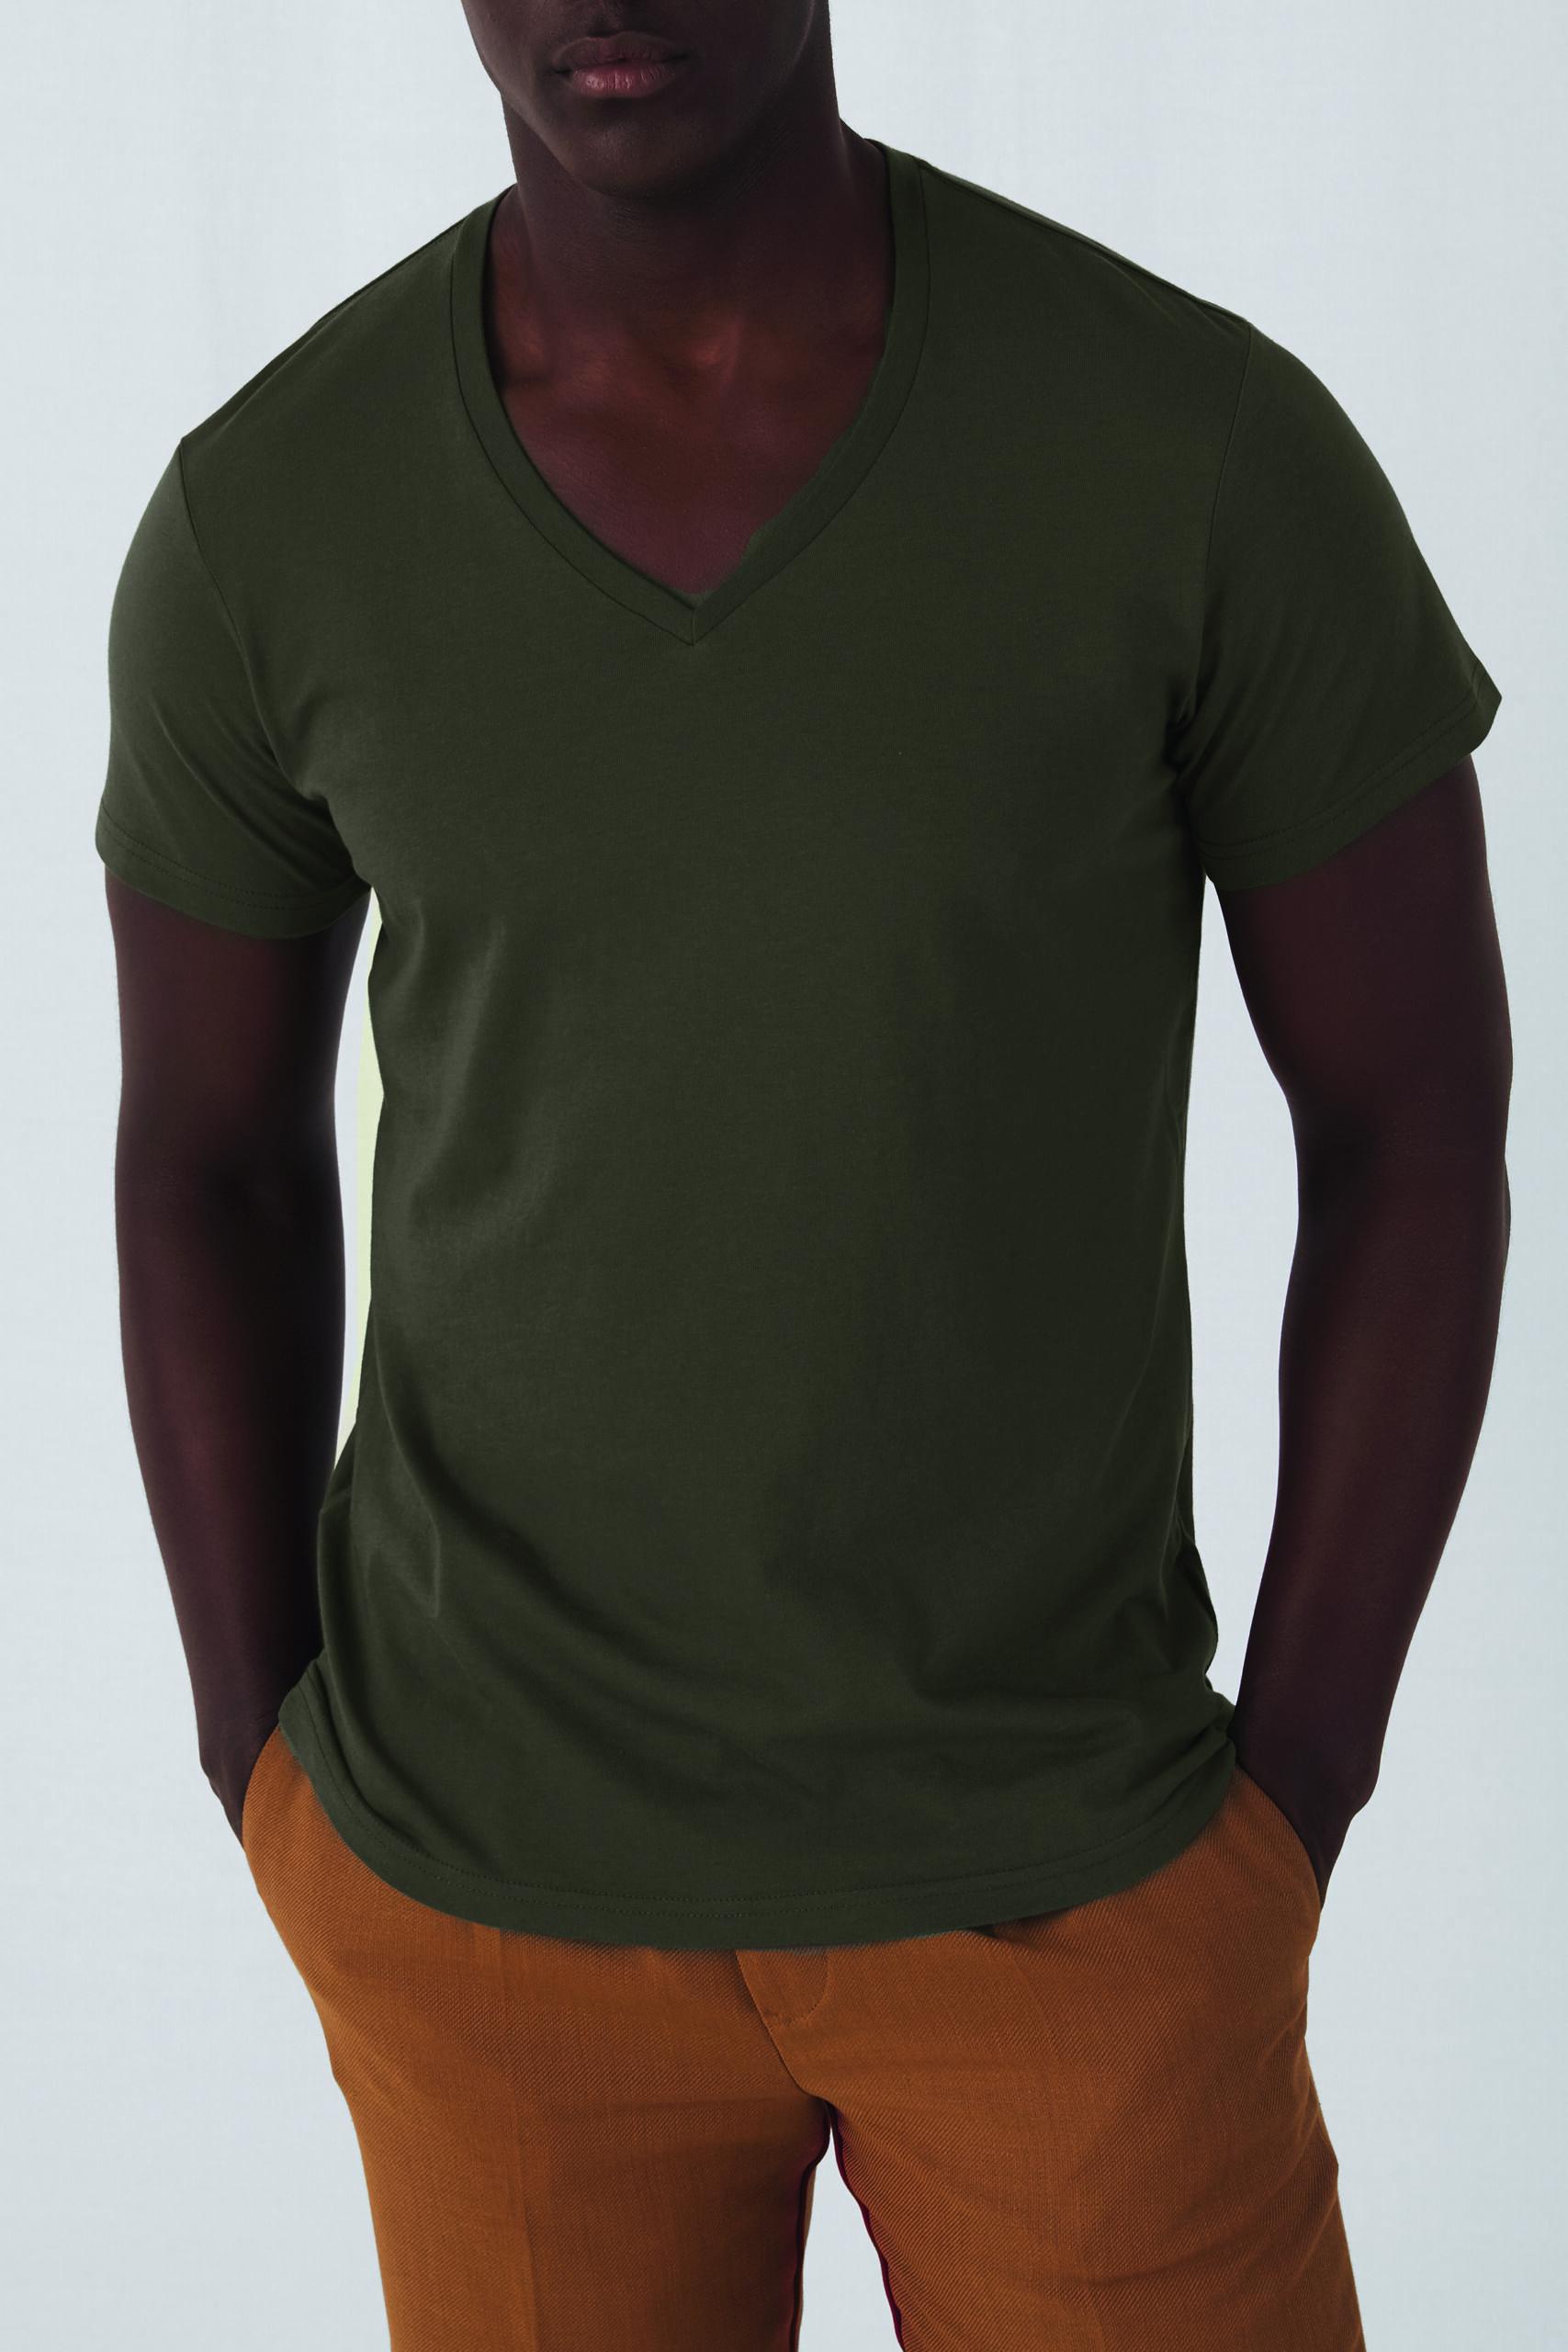 Økologisk, Fair Wear Og Oekotex T-shirt Med V-hals Til Mænd I En 140g/m2 Kvalitet [ BCTM044]